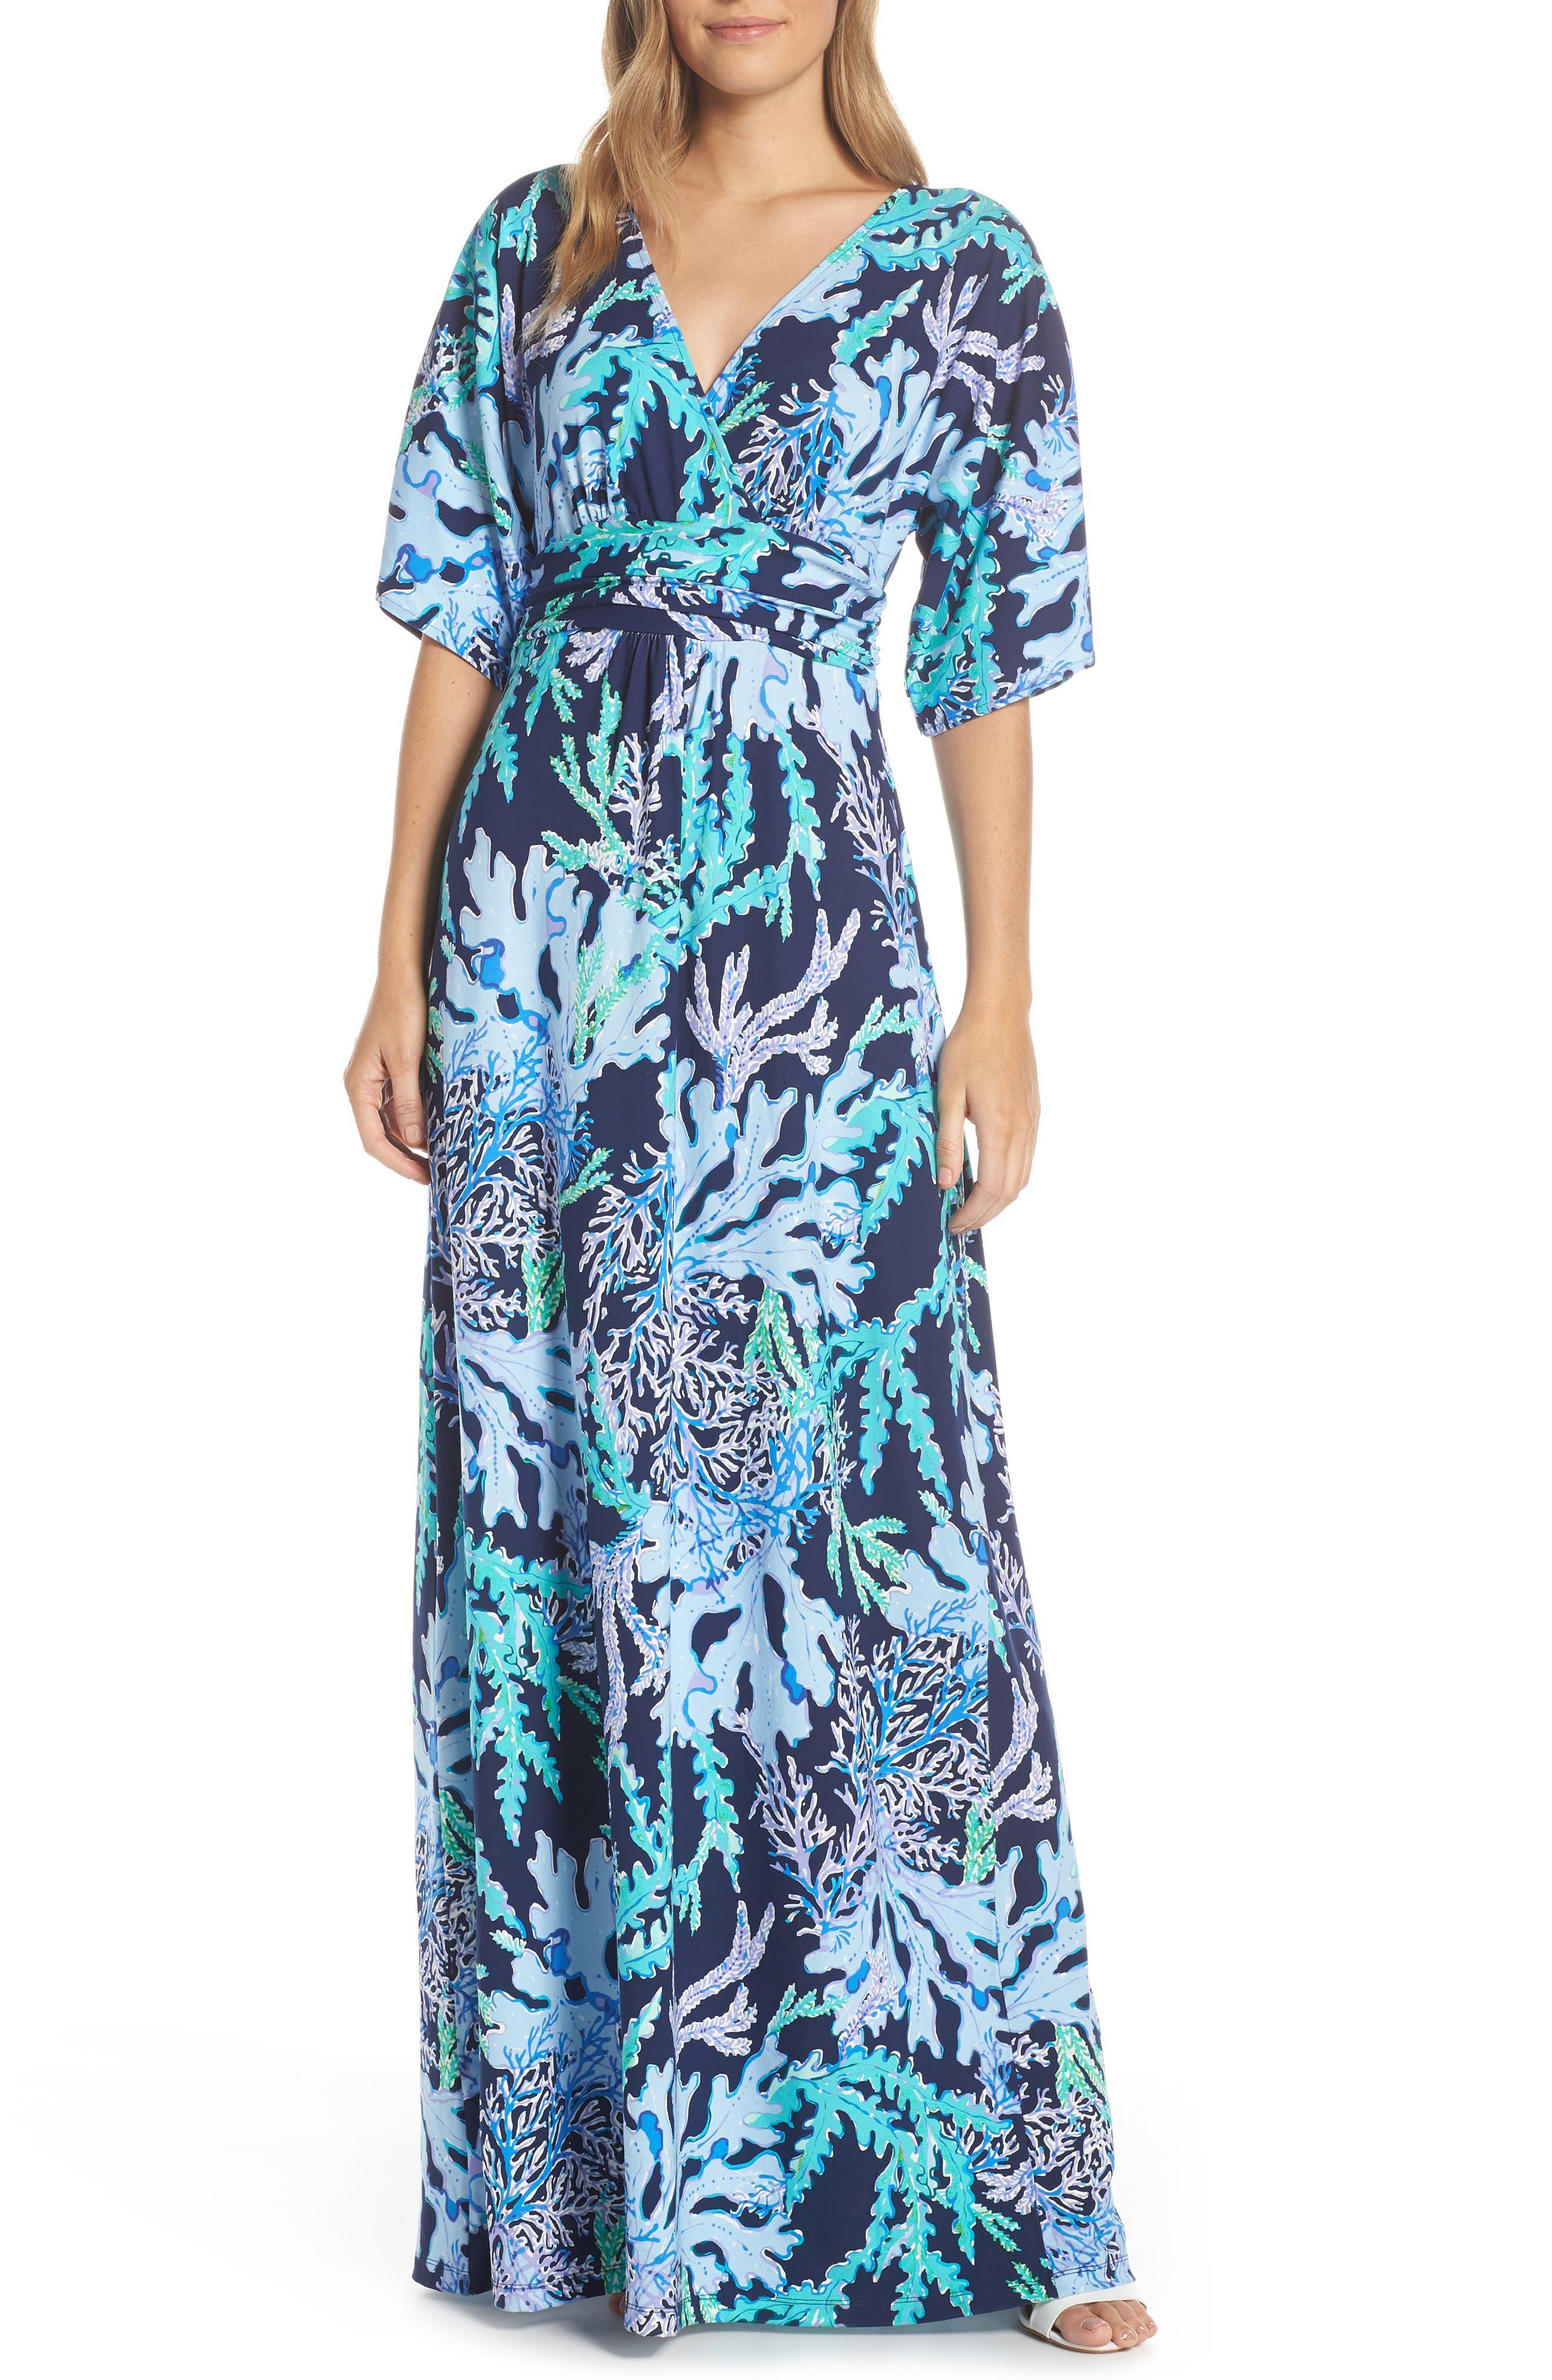 Lilly Pulitzer Parigi Maxi Dress, Blue/green